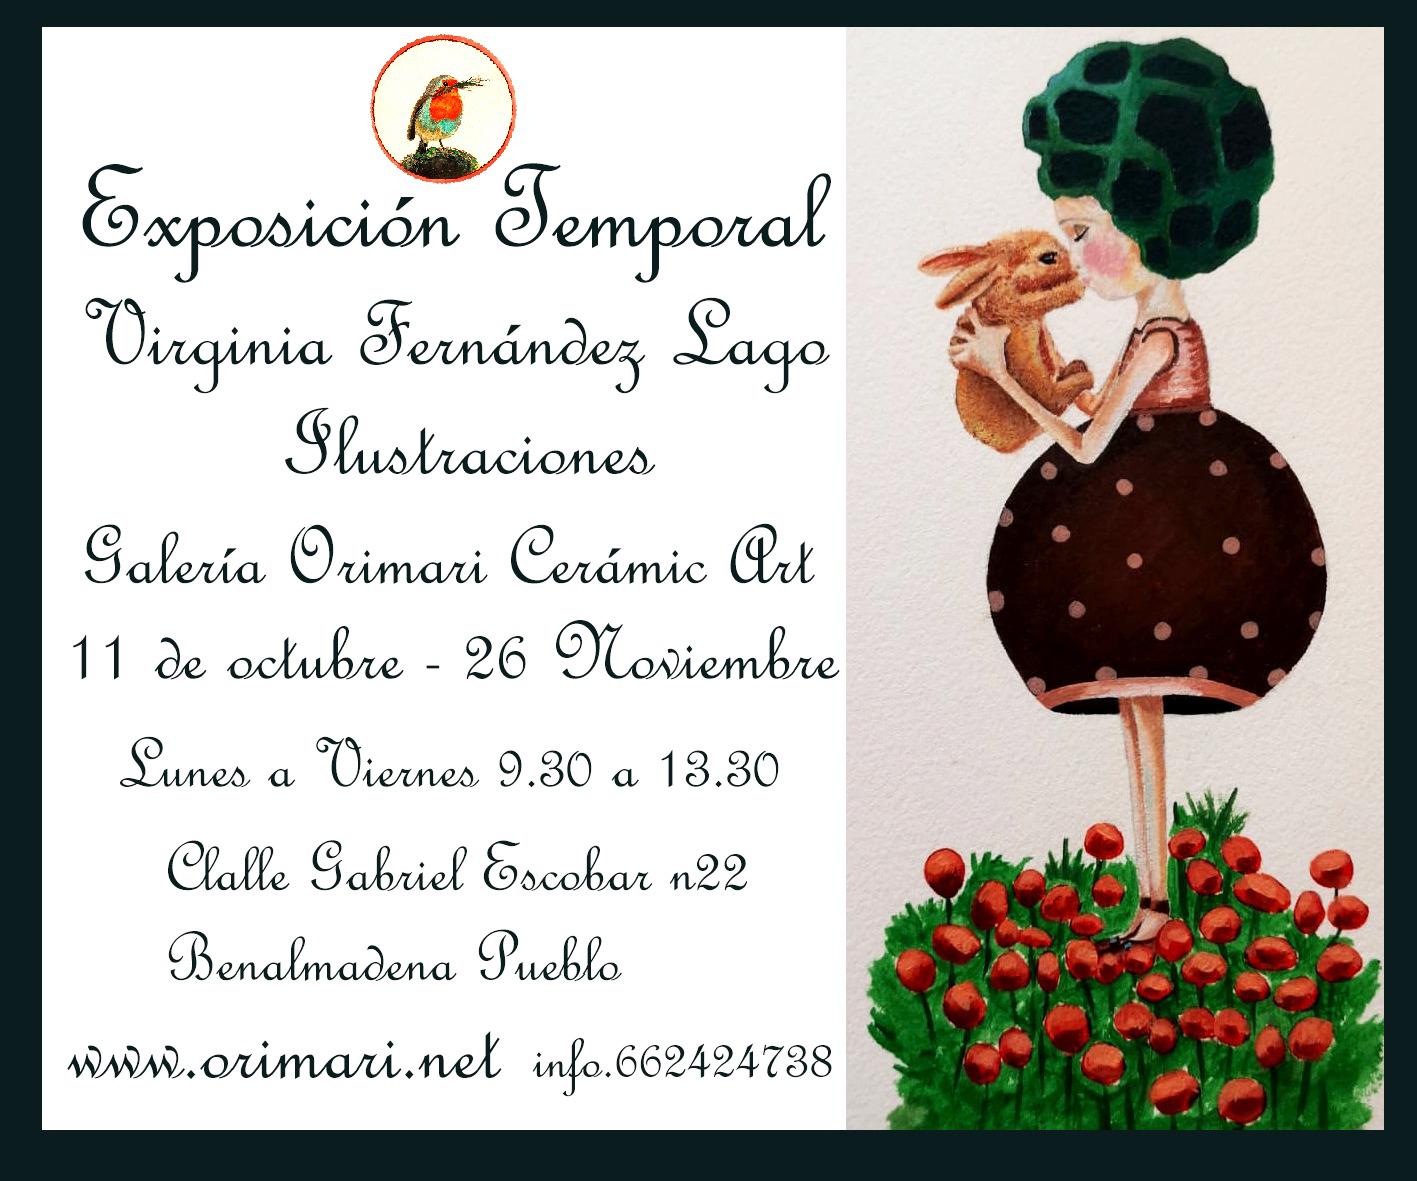 Exposición Virginia Fernandez  Lago